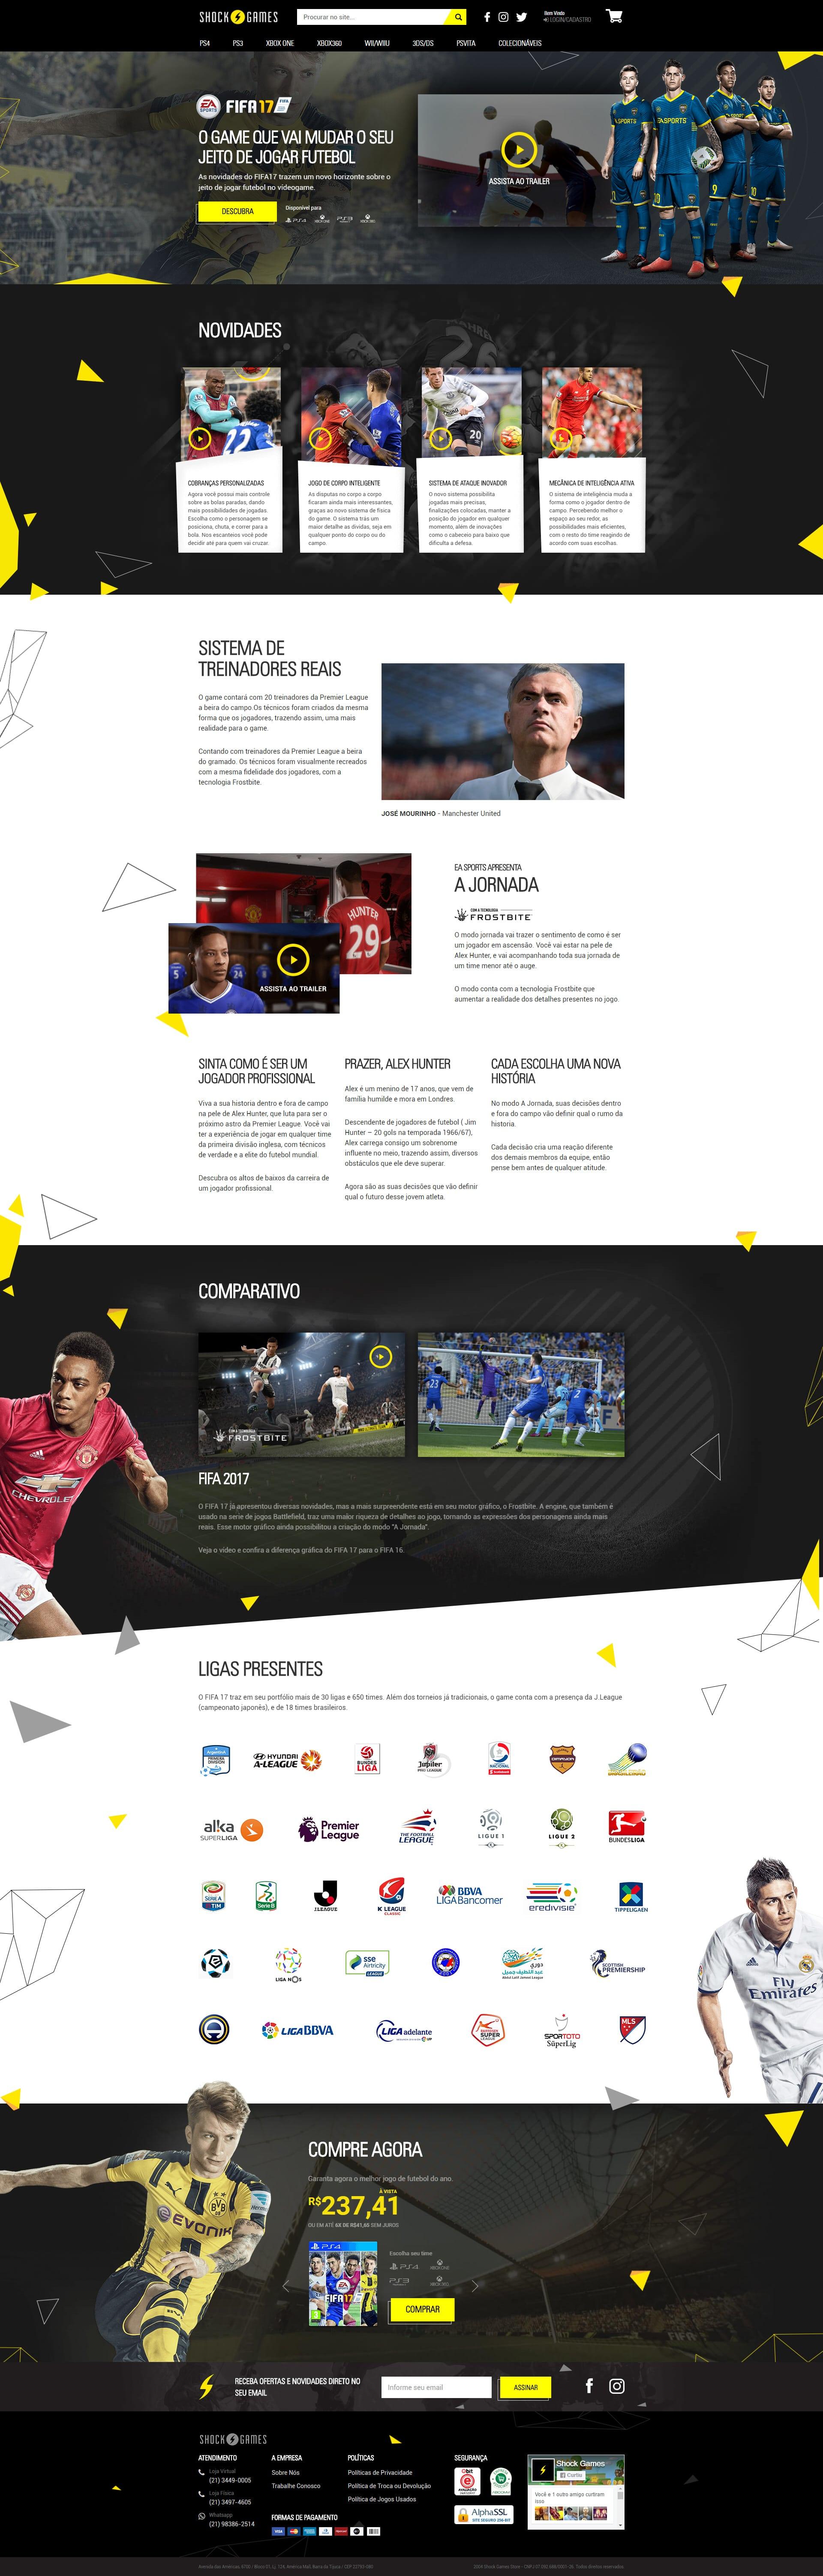 Fifa 2017 Landing Page by Rafael Oliveira